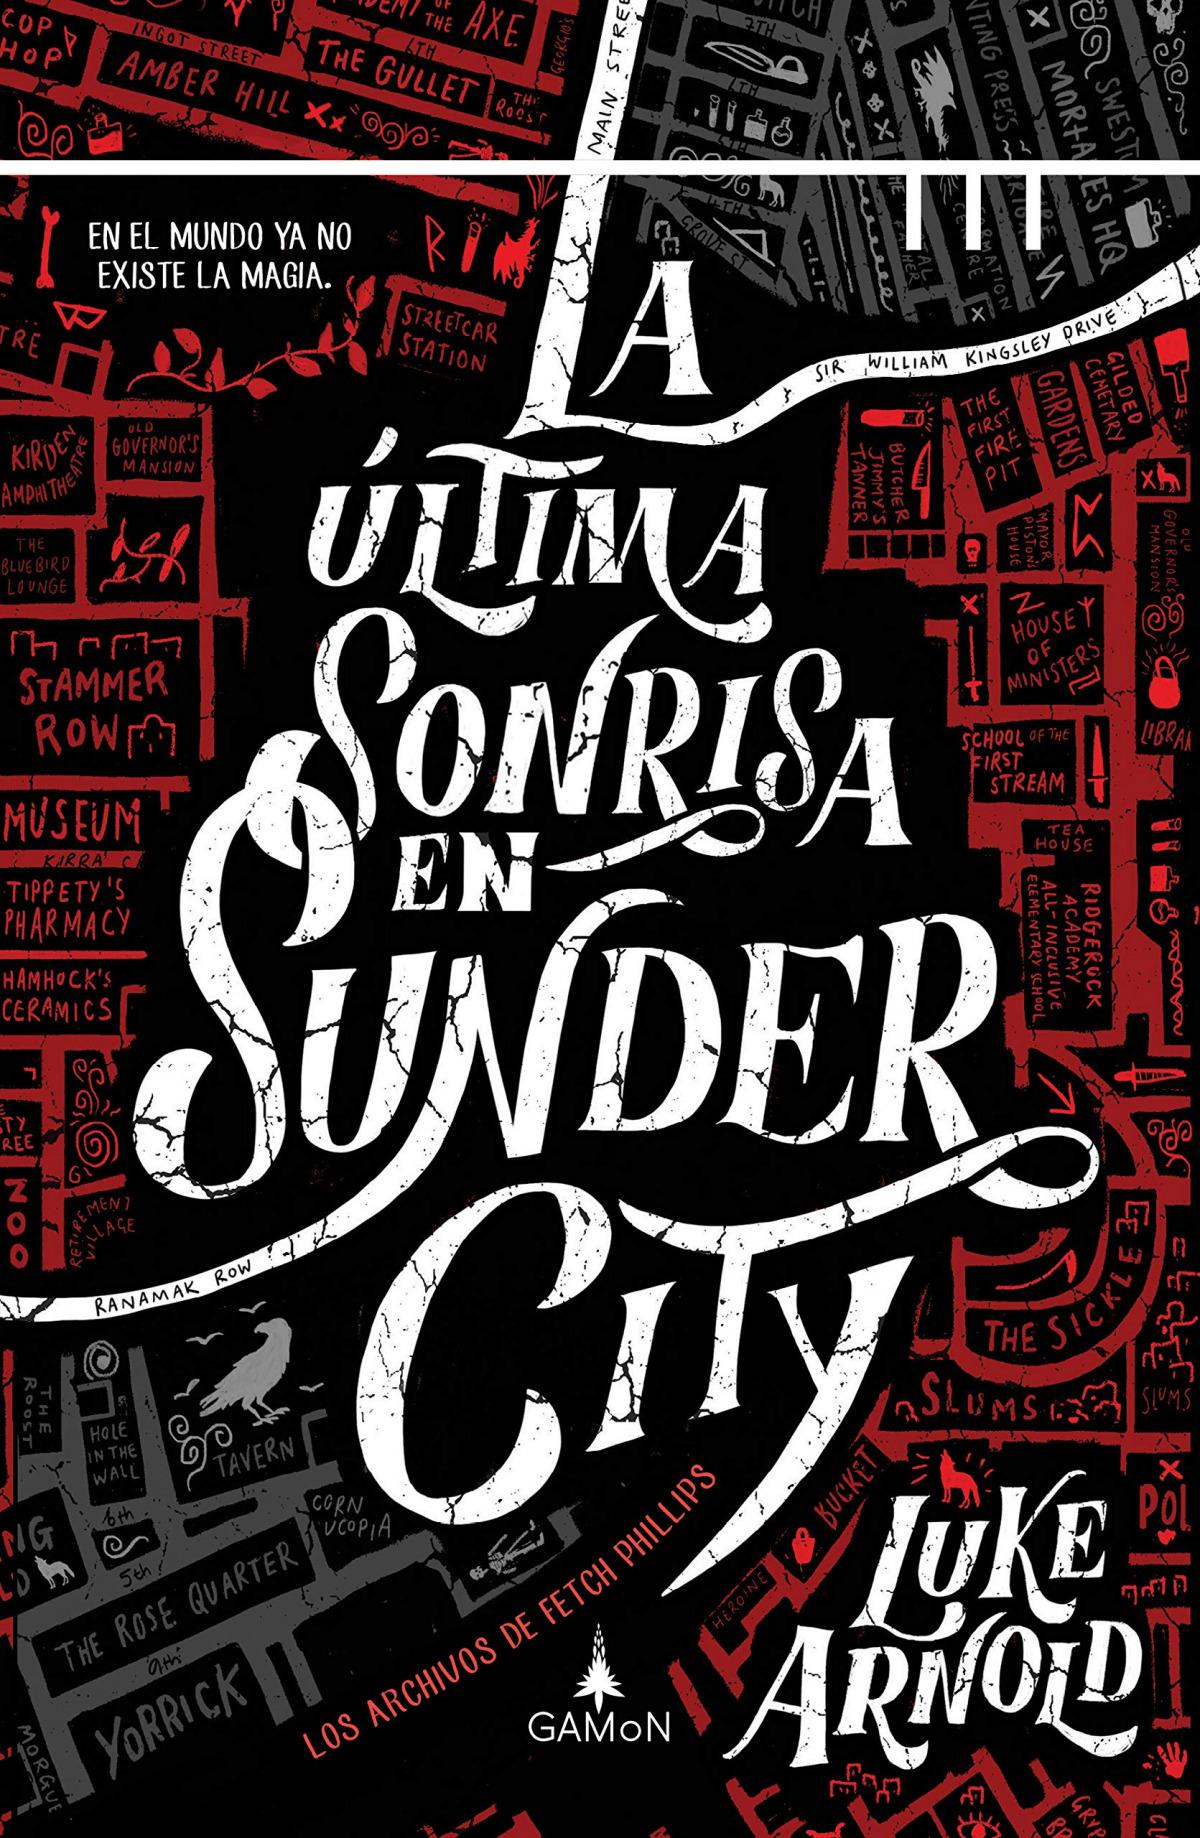 La Última Sonrisa en Sunder City